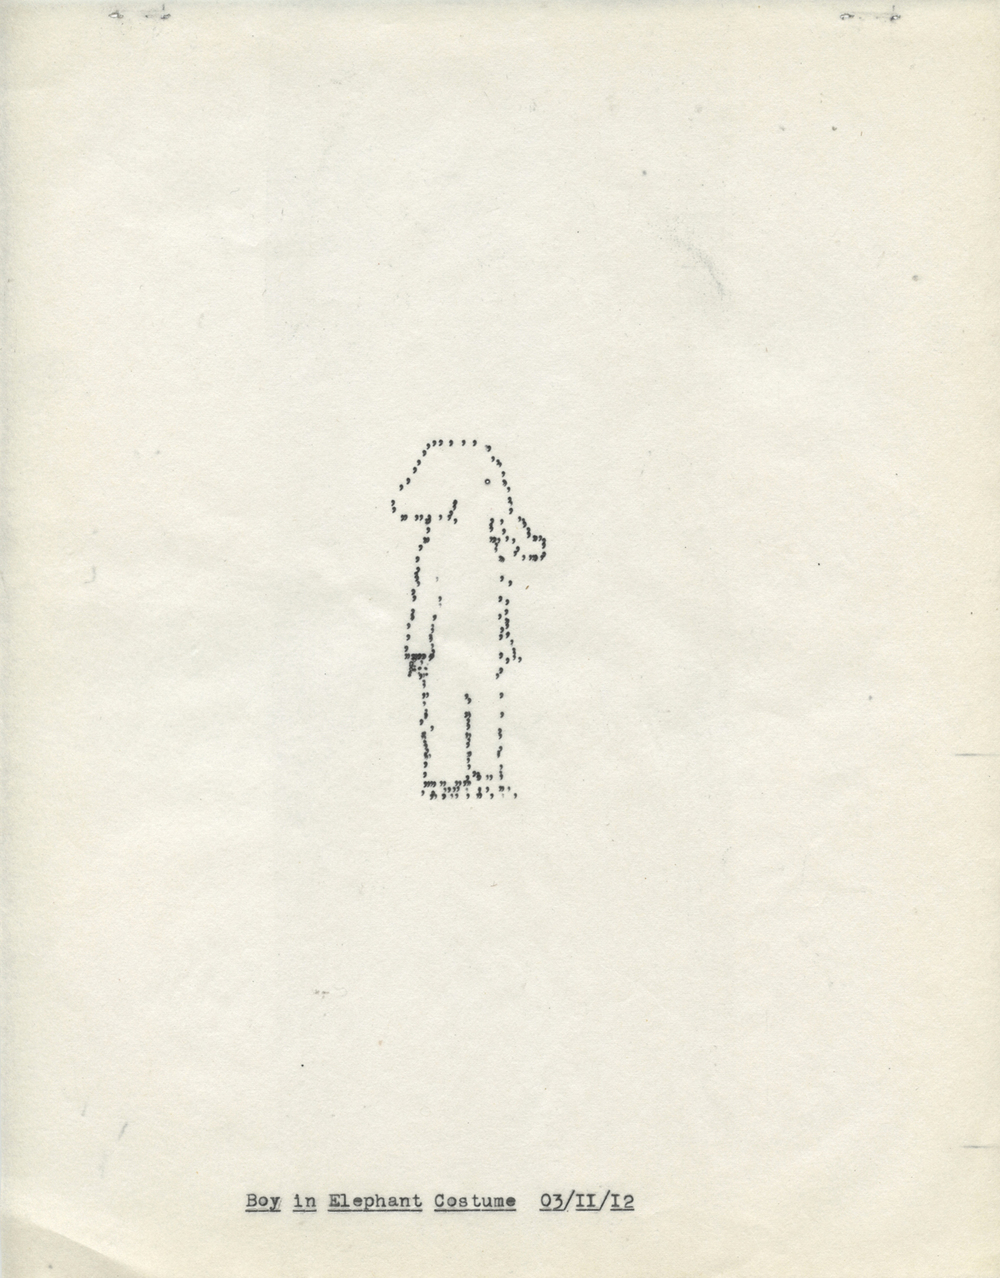 tw_03_11_2012_boy_in_elephant_suit.jpg